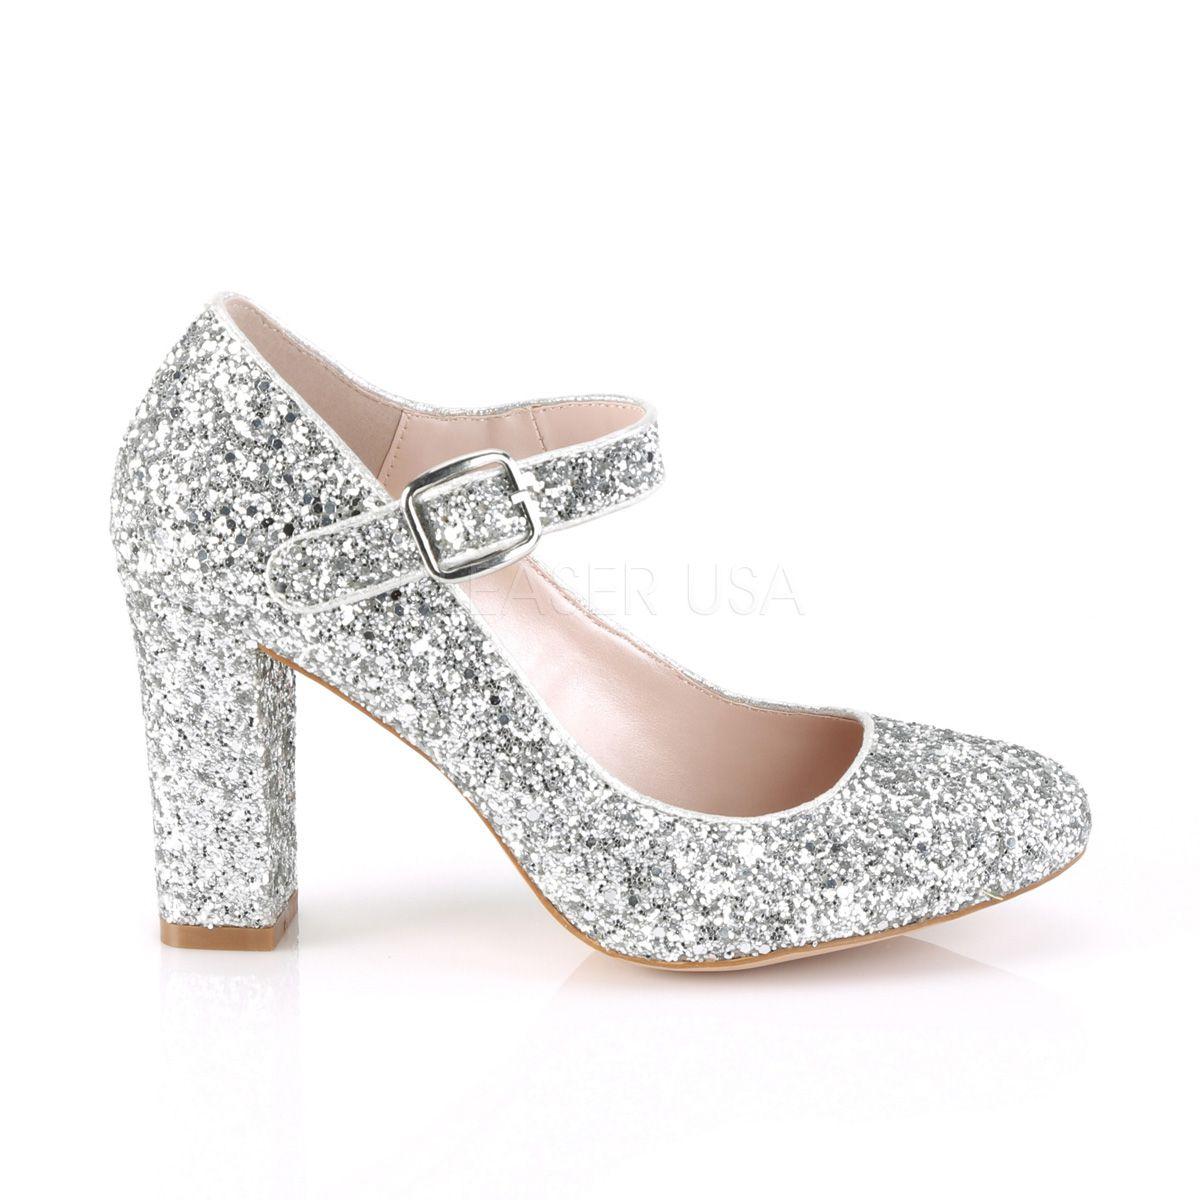 Zapatos estilo clásico Mary Jane recubiertos de glitter y tacón grueso